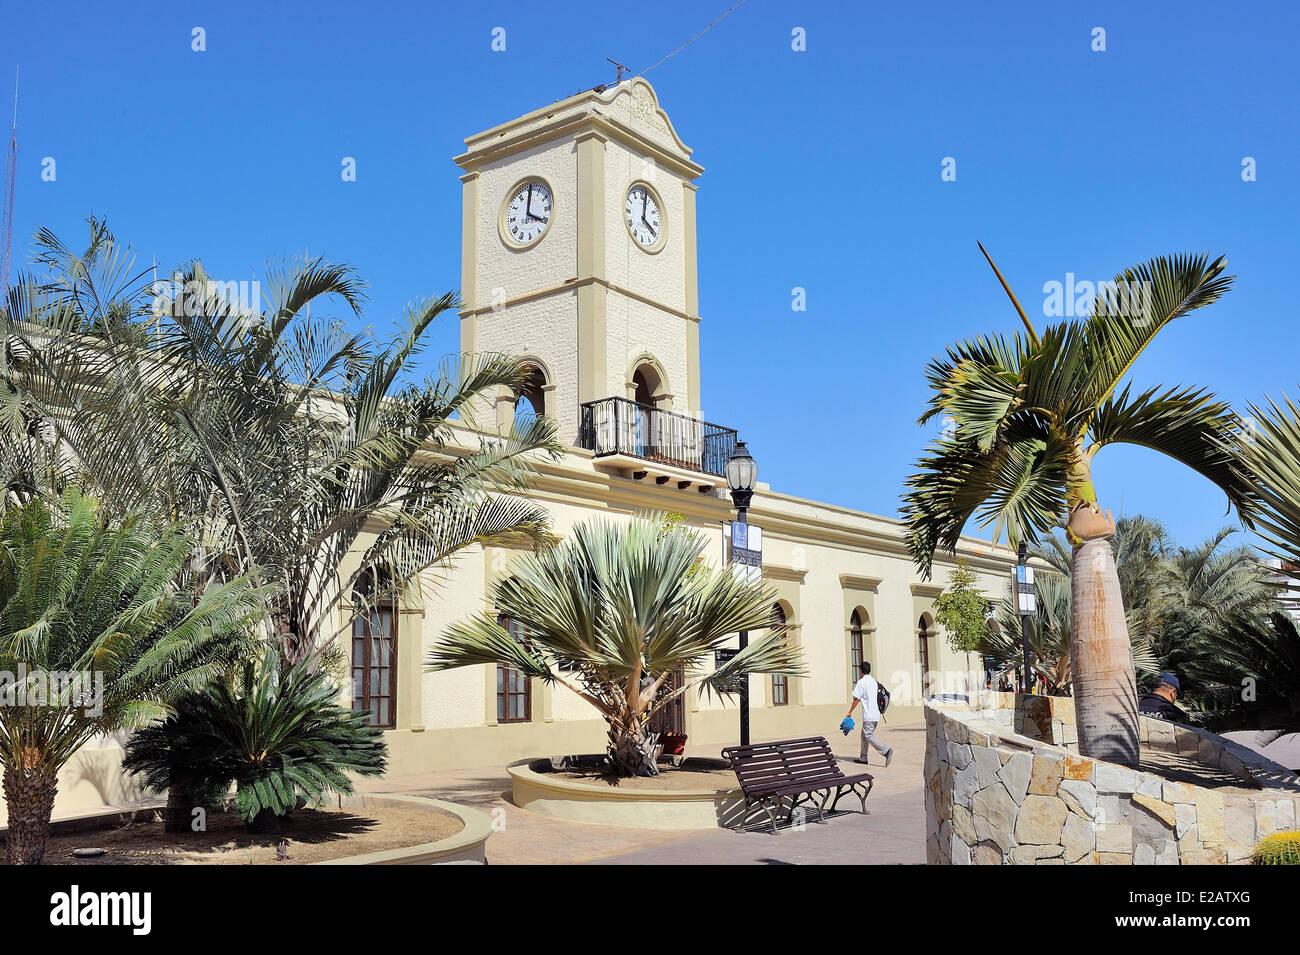 México, Estado de Baja California Sur, San José del Cabo, el Ayuntamiento Imagen De Stock